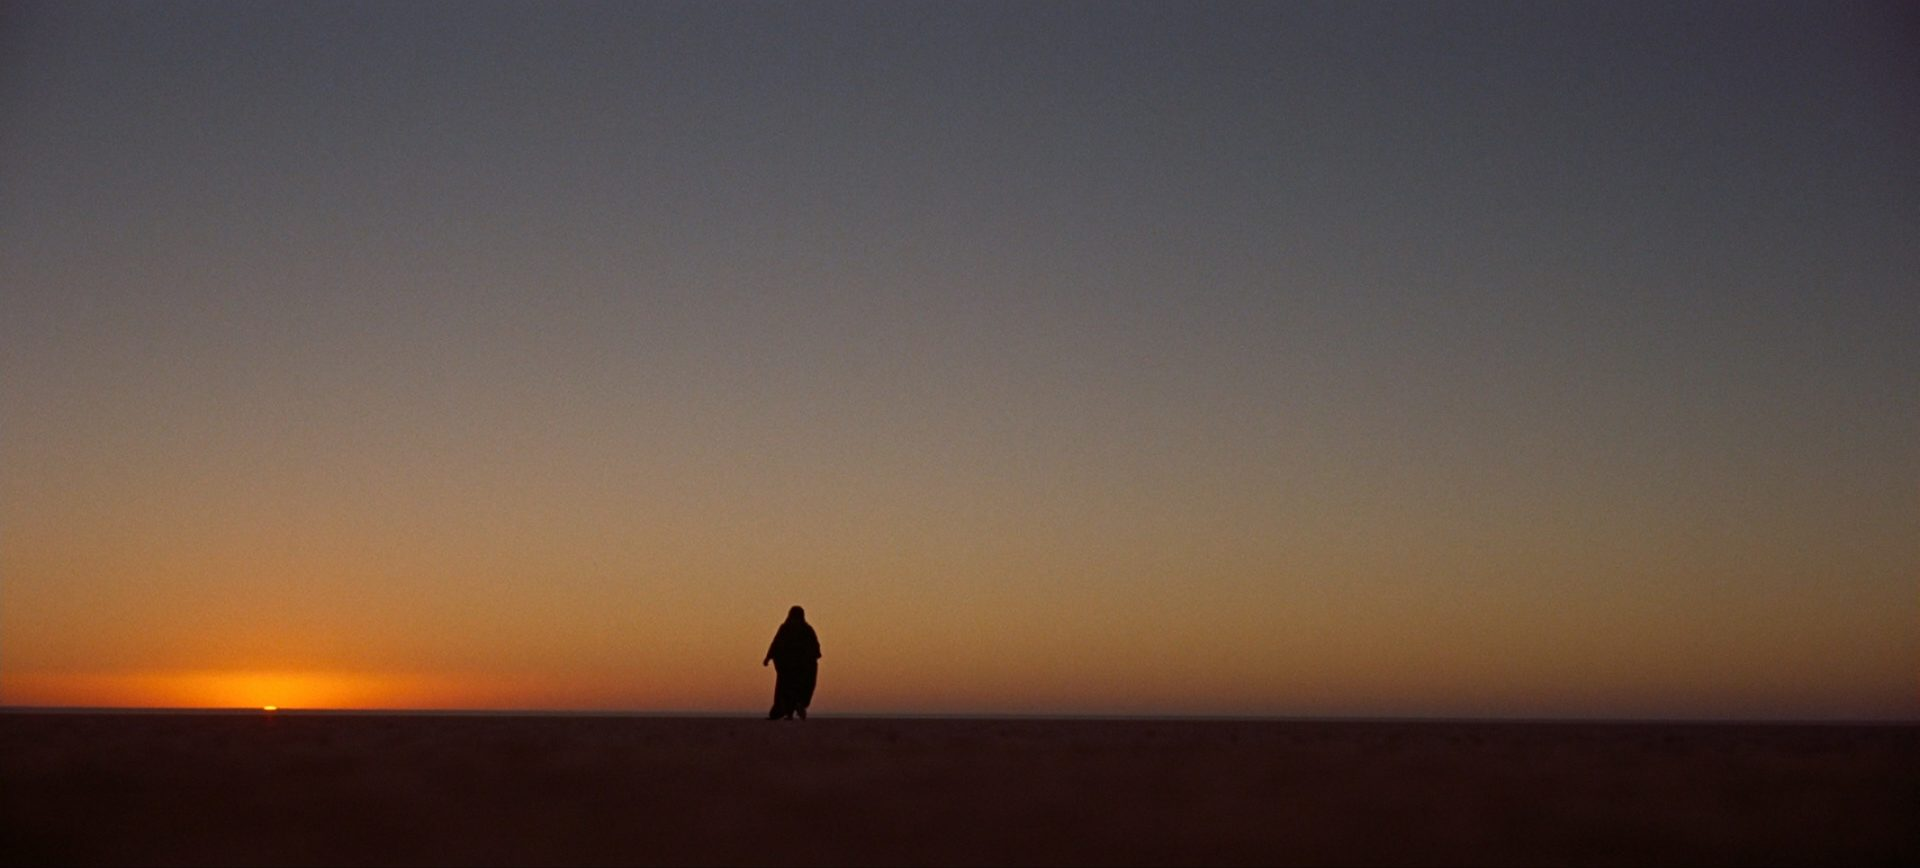 film-molto-lunghi-lawrence-arabia-lean